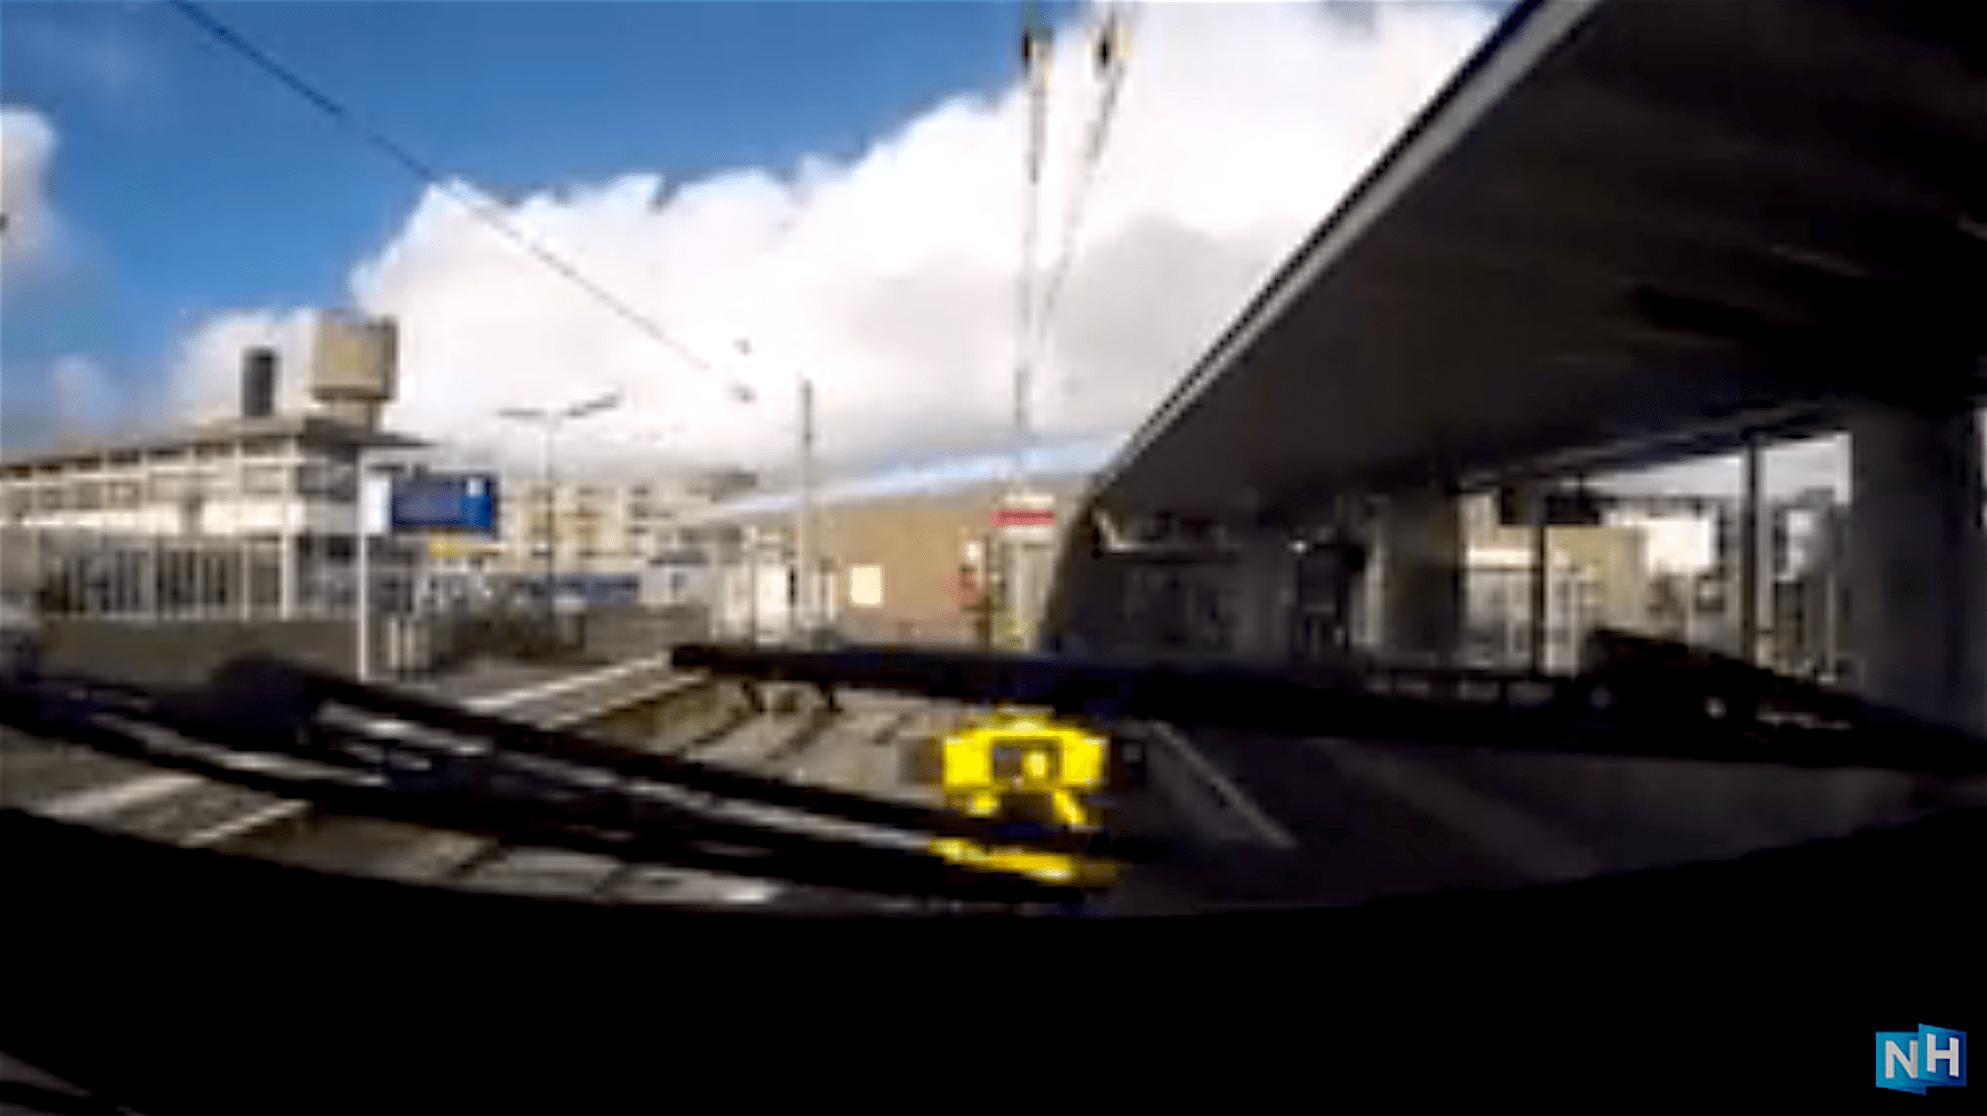 Aankomst station Den Helder, geheel links het Rob Scholte Museum (foto YouTube)